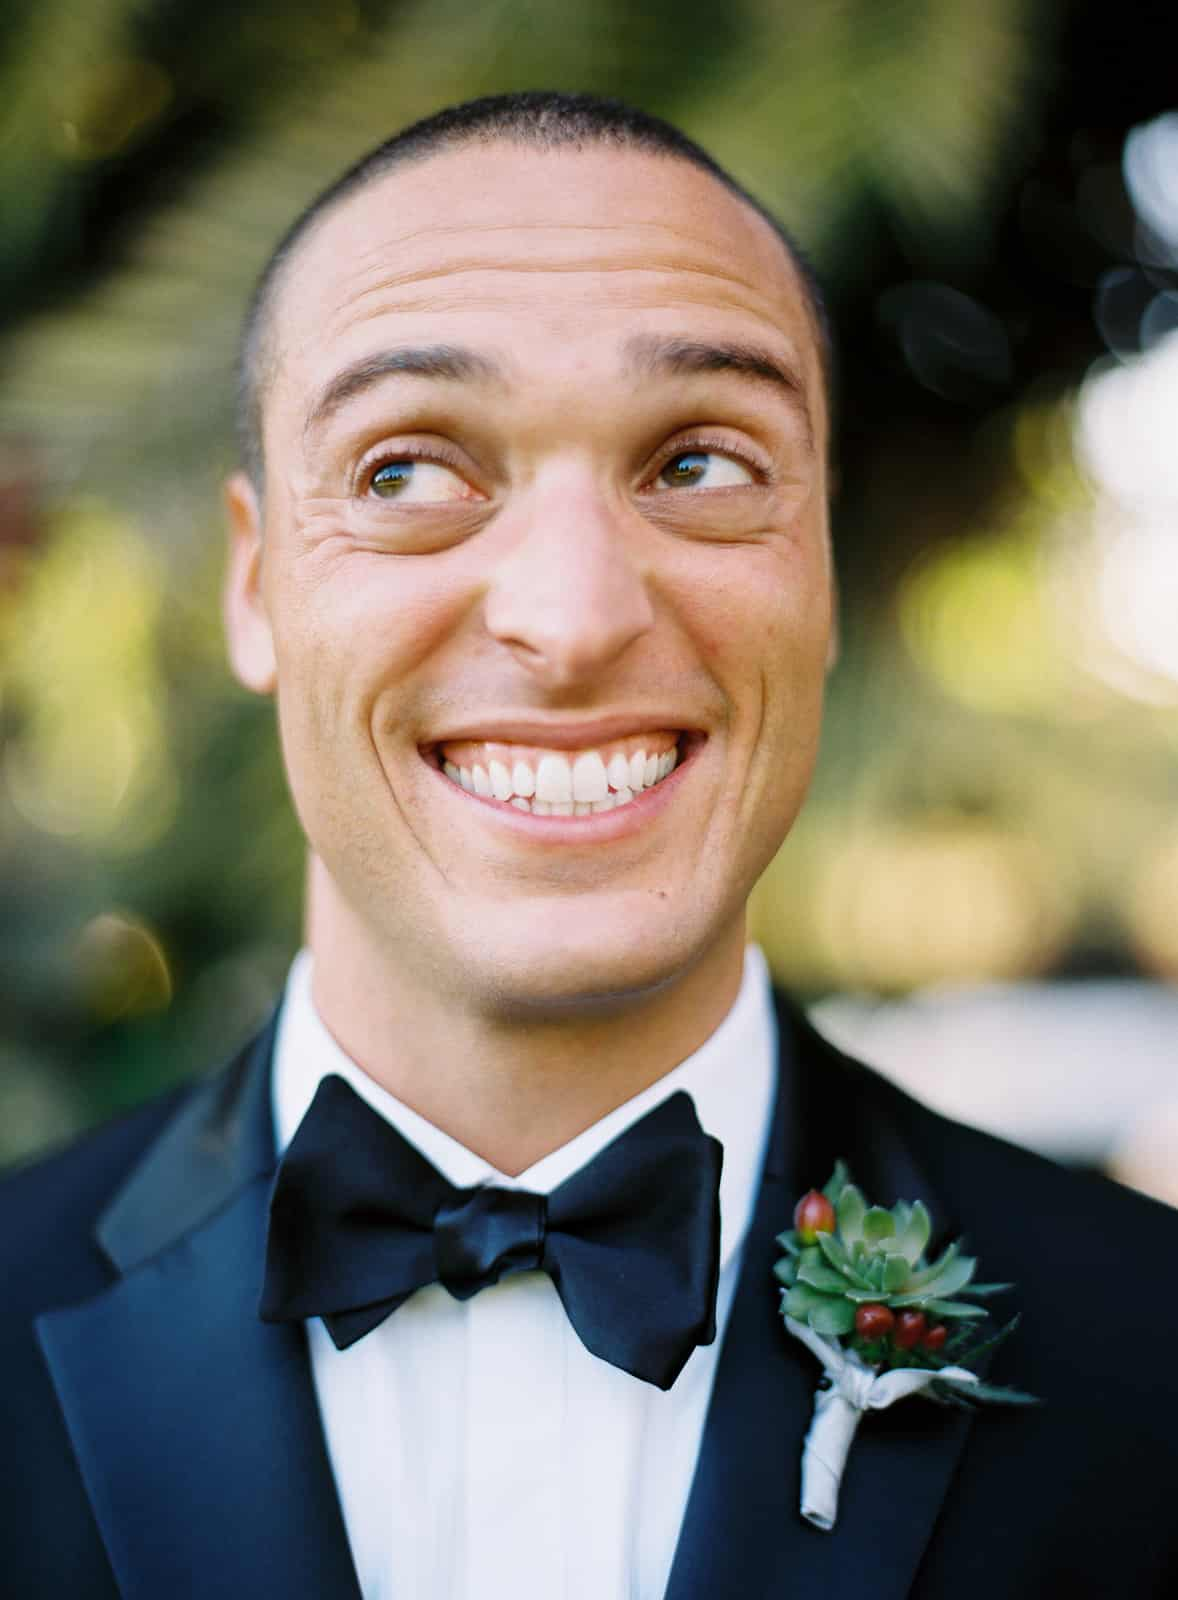 Funng groom portrait